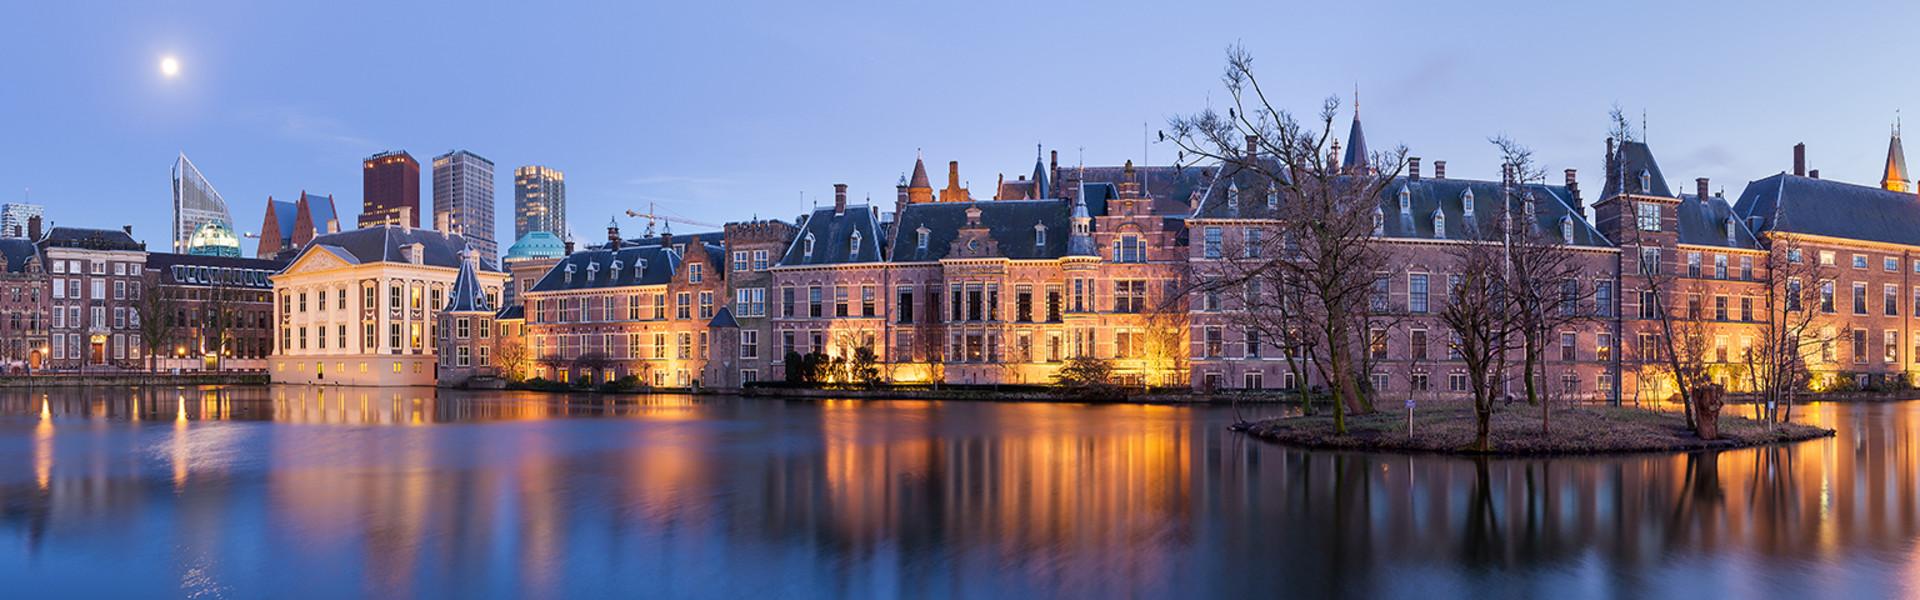 Het Binnenhof by night